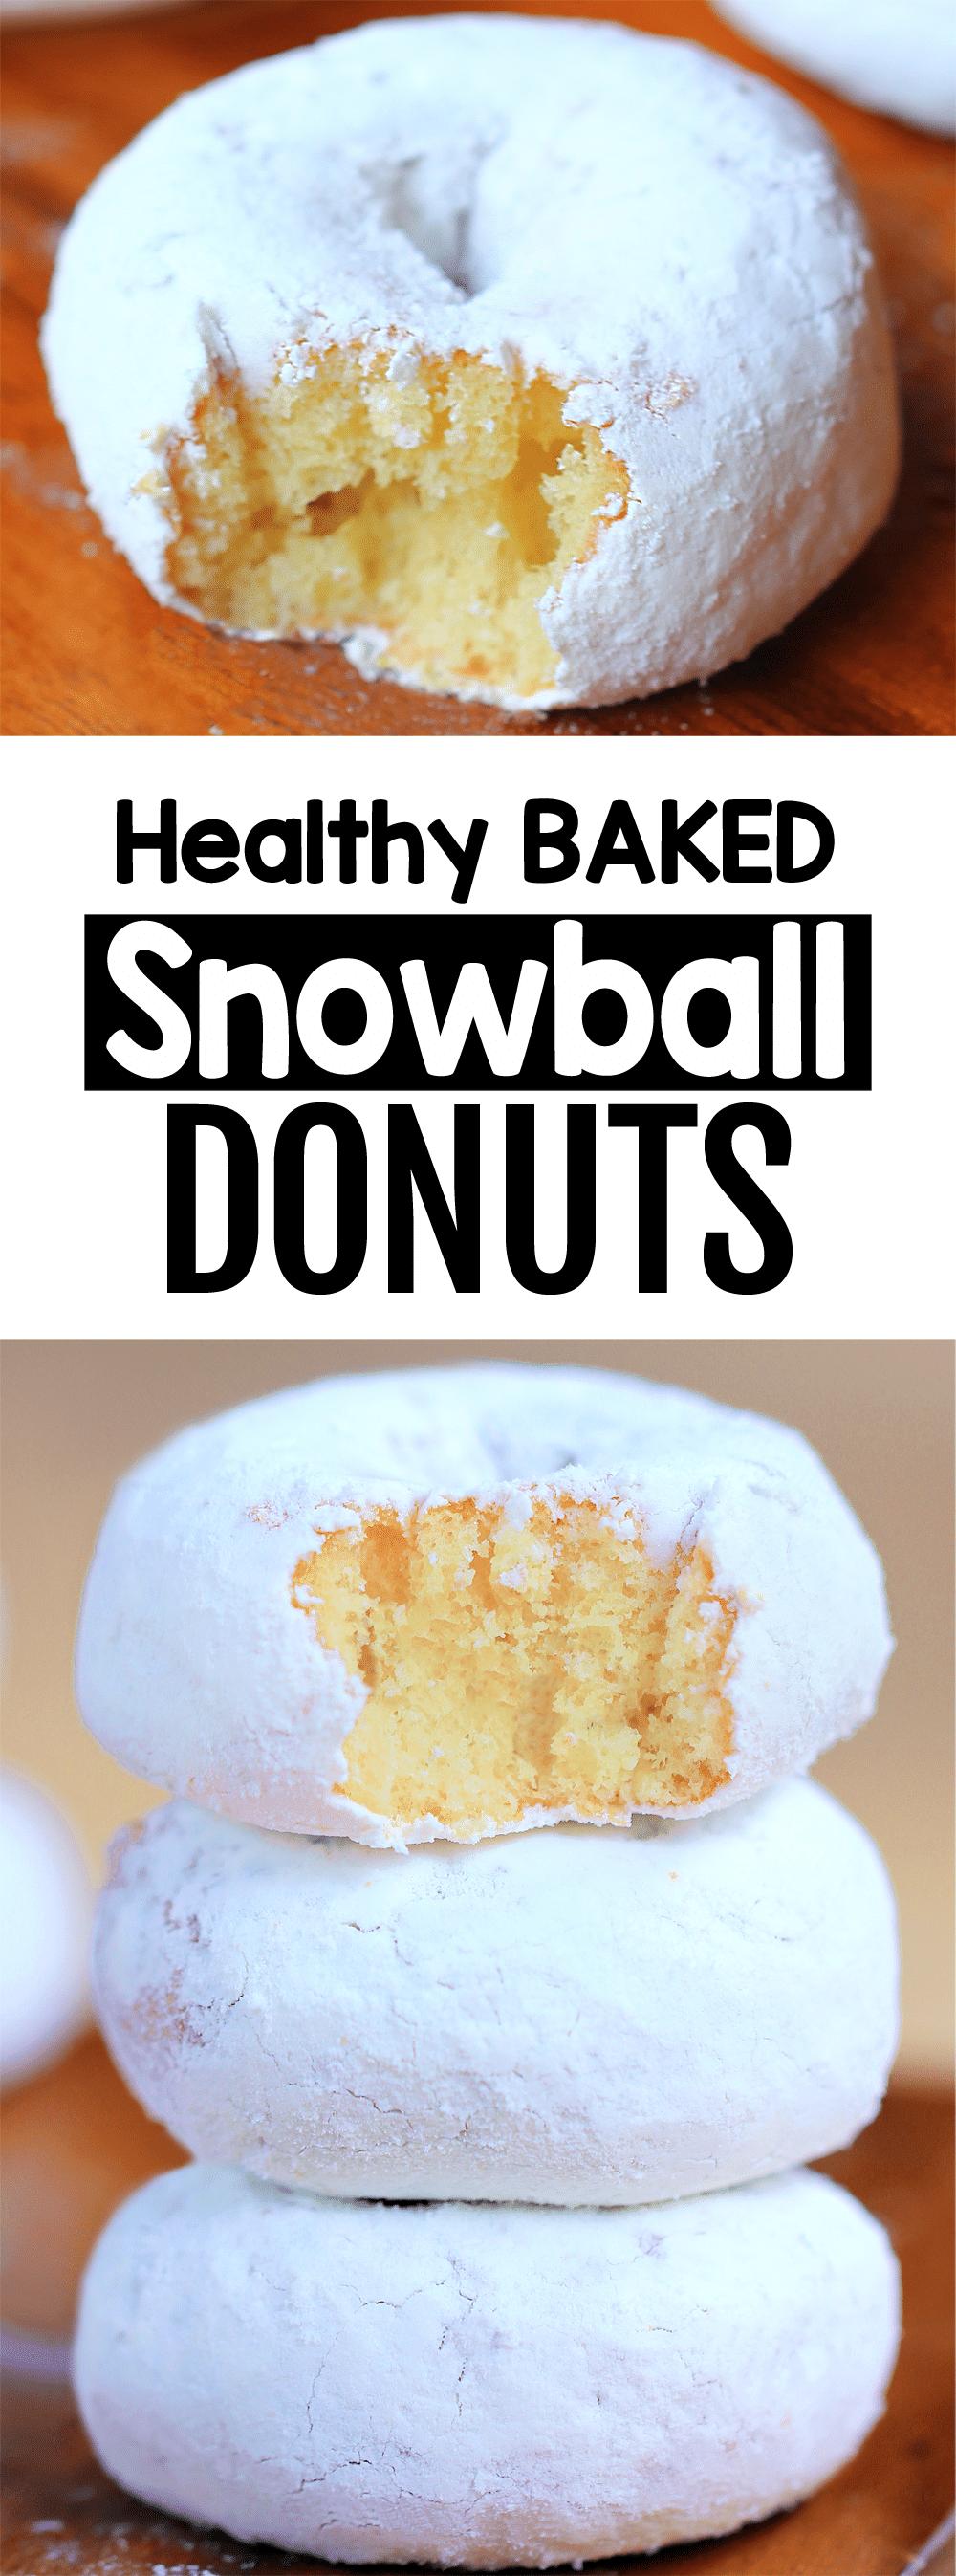 Mini Donuts Caseiros Snowball 2